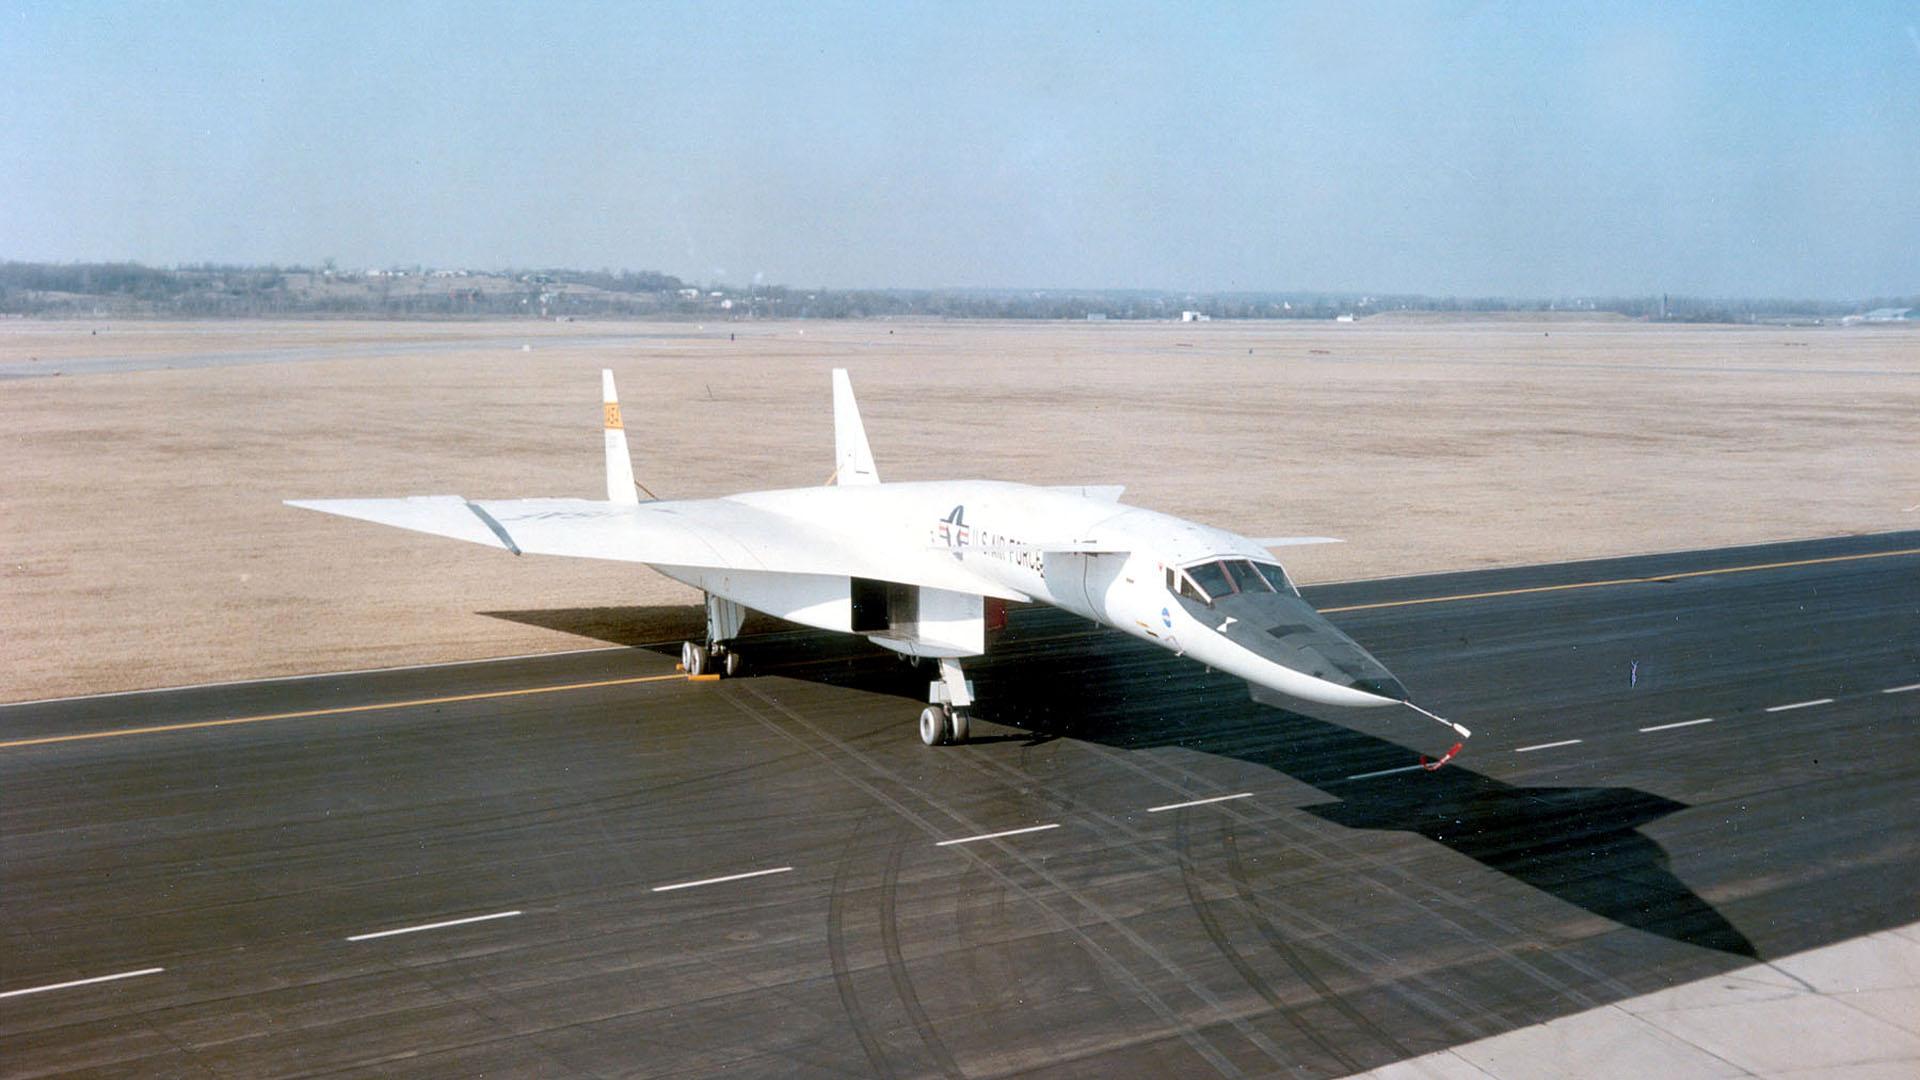 Aircraft Bomber Wallpaper 1920x1080 Aircraft Bomber NASA Planes 1920x1080